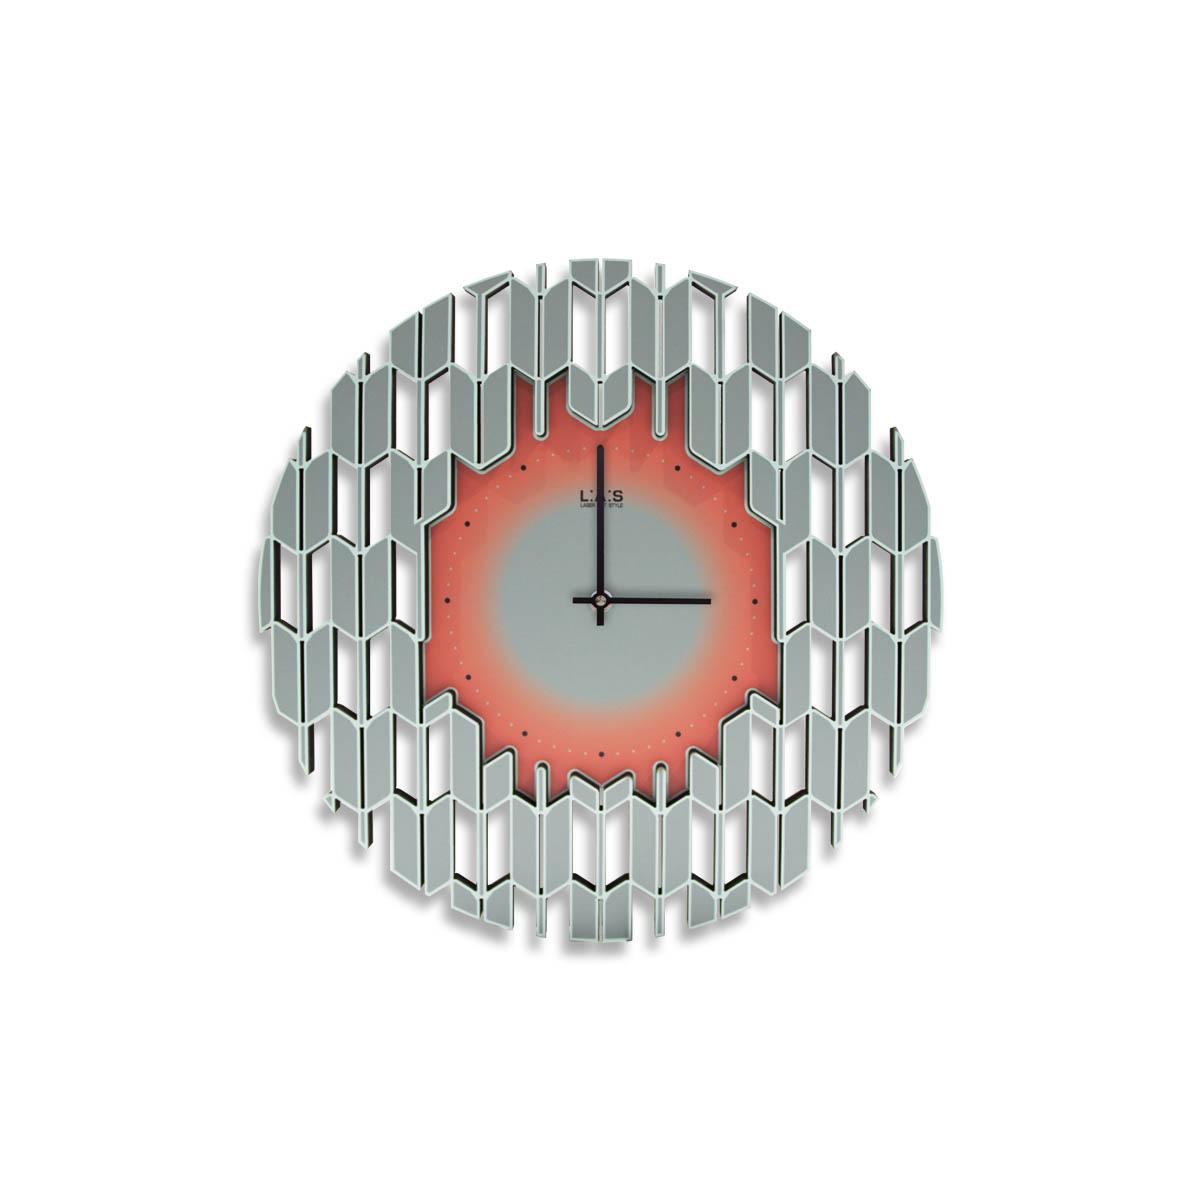 L:A:S - Laser Art Style - OROLOGIO DA PARETE DESIGN MODERNO – SI-540 DECORO GRIGIO CELESTE-ARANCIO